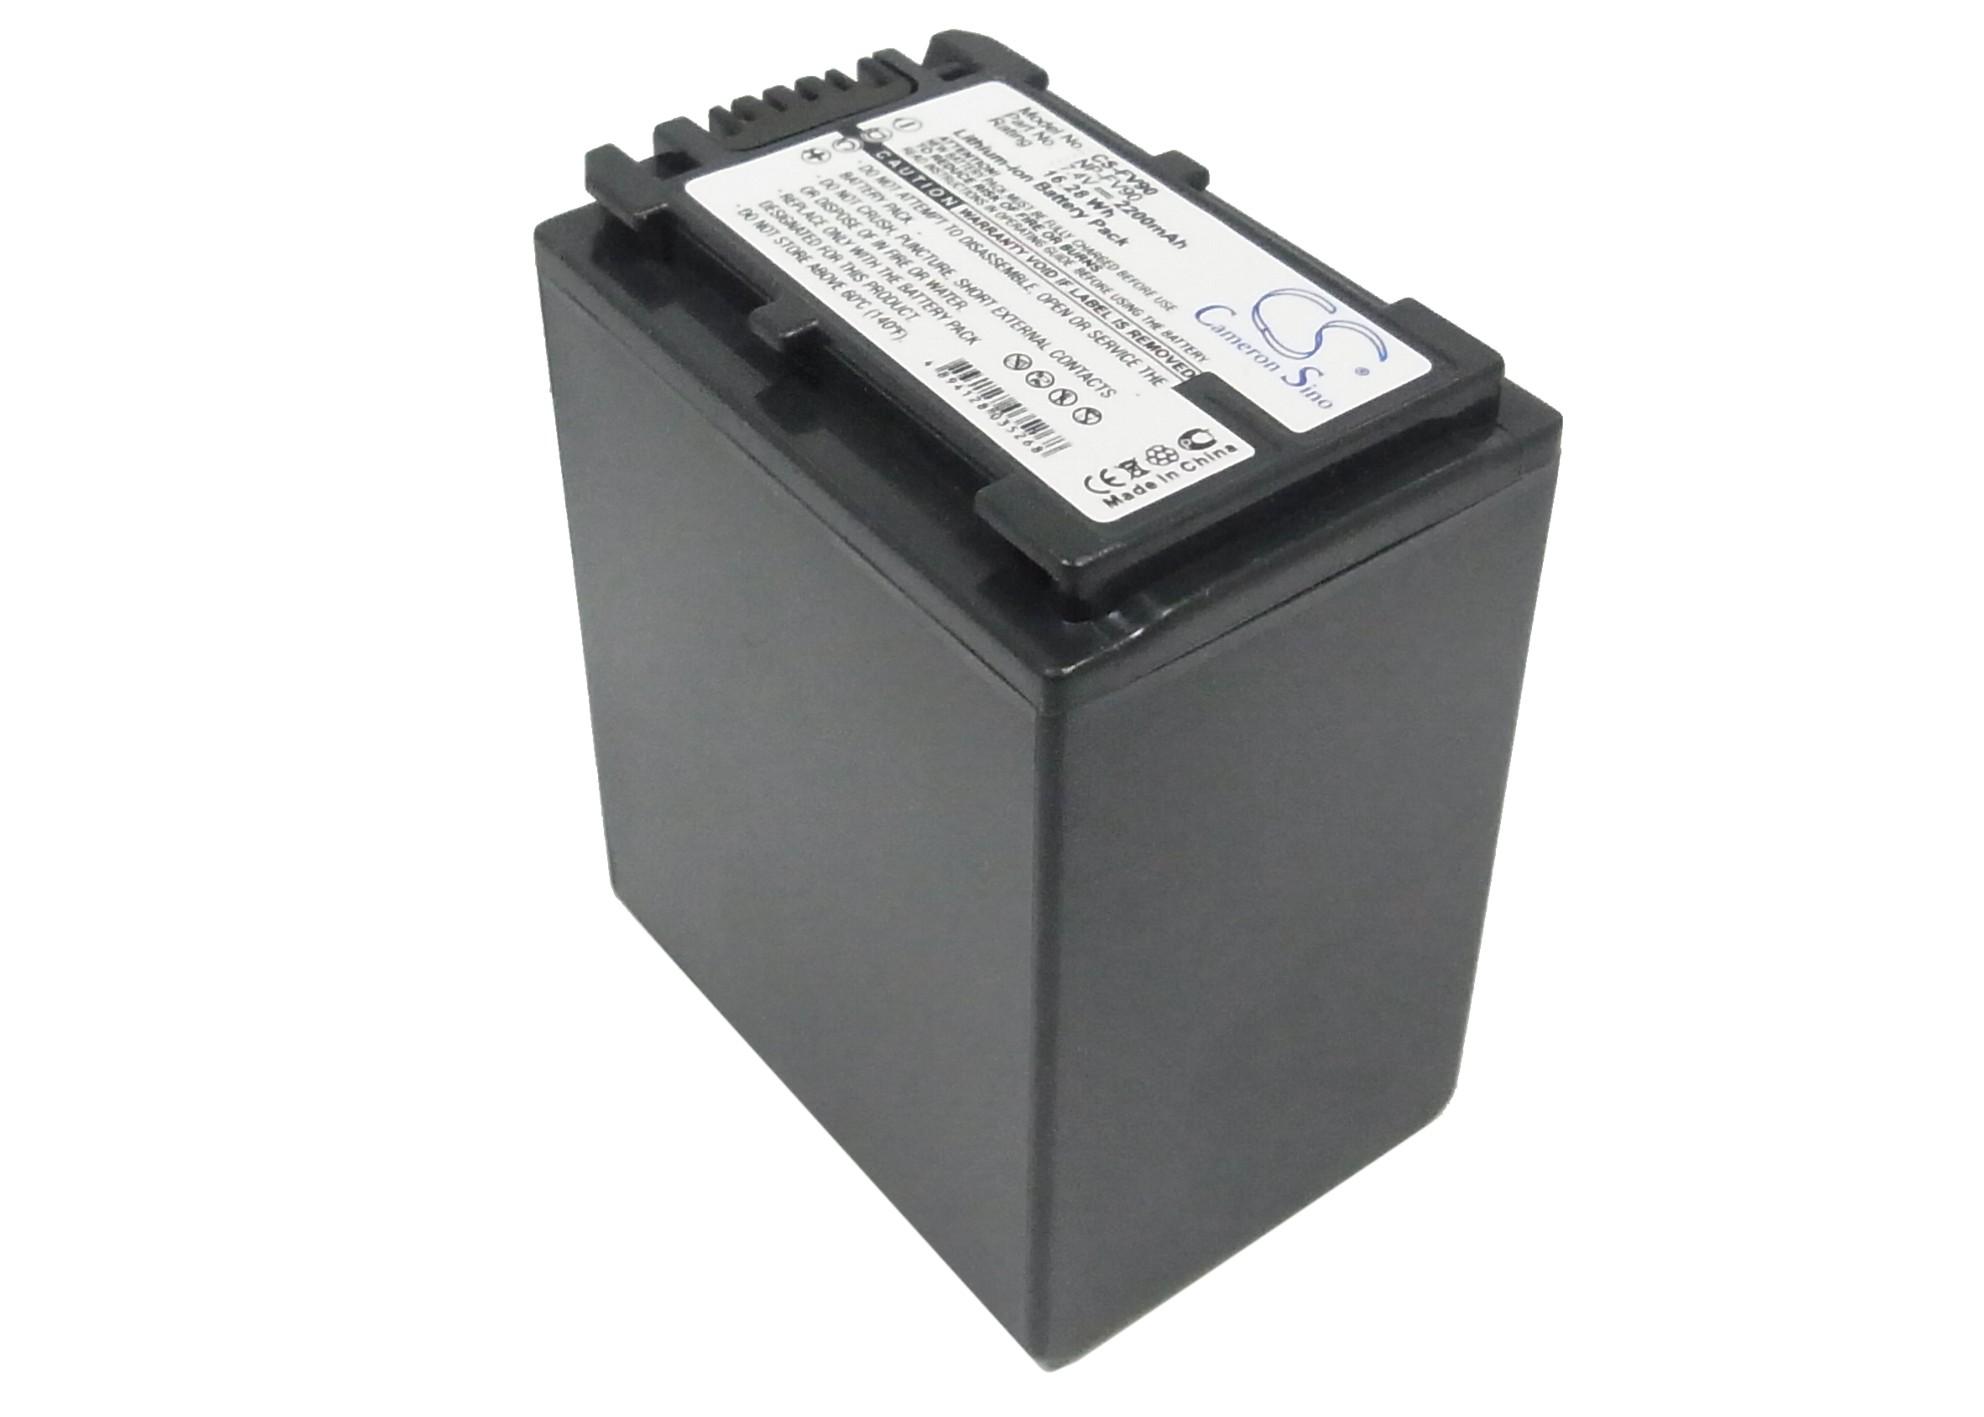 Cameron Sino baterie do kamer a fotoaparátů pro SONY HDR-CX300 7.4V Li-ion 2200mAh černá - neoriginální